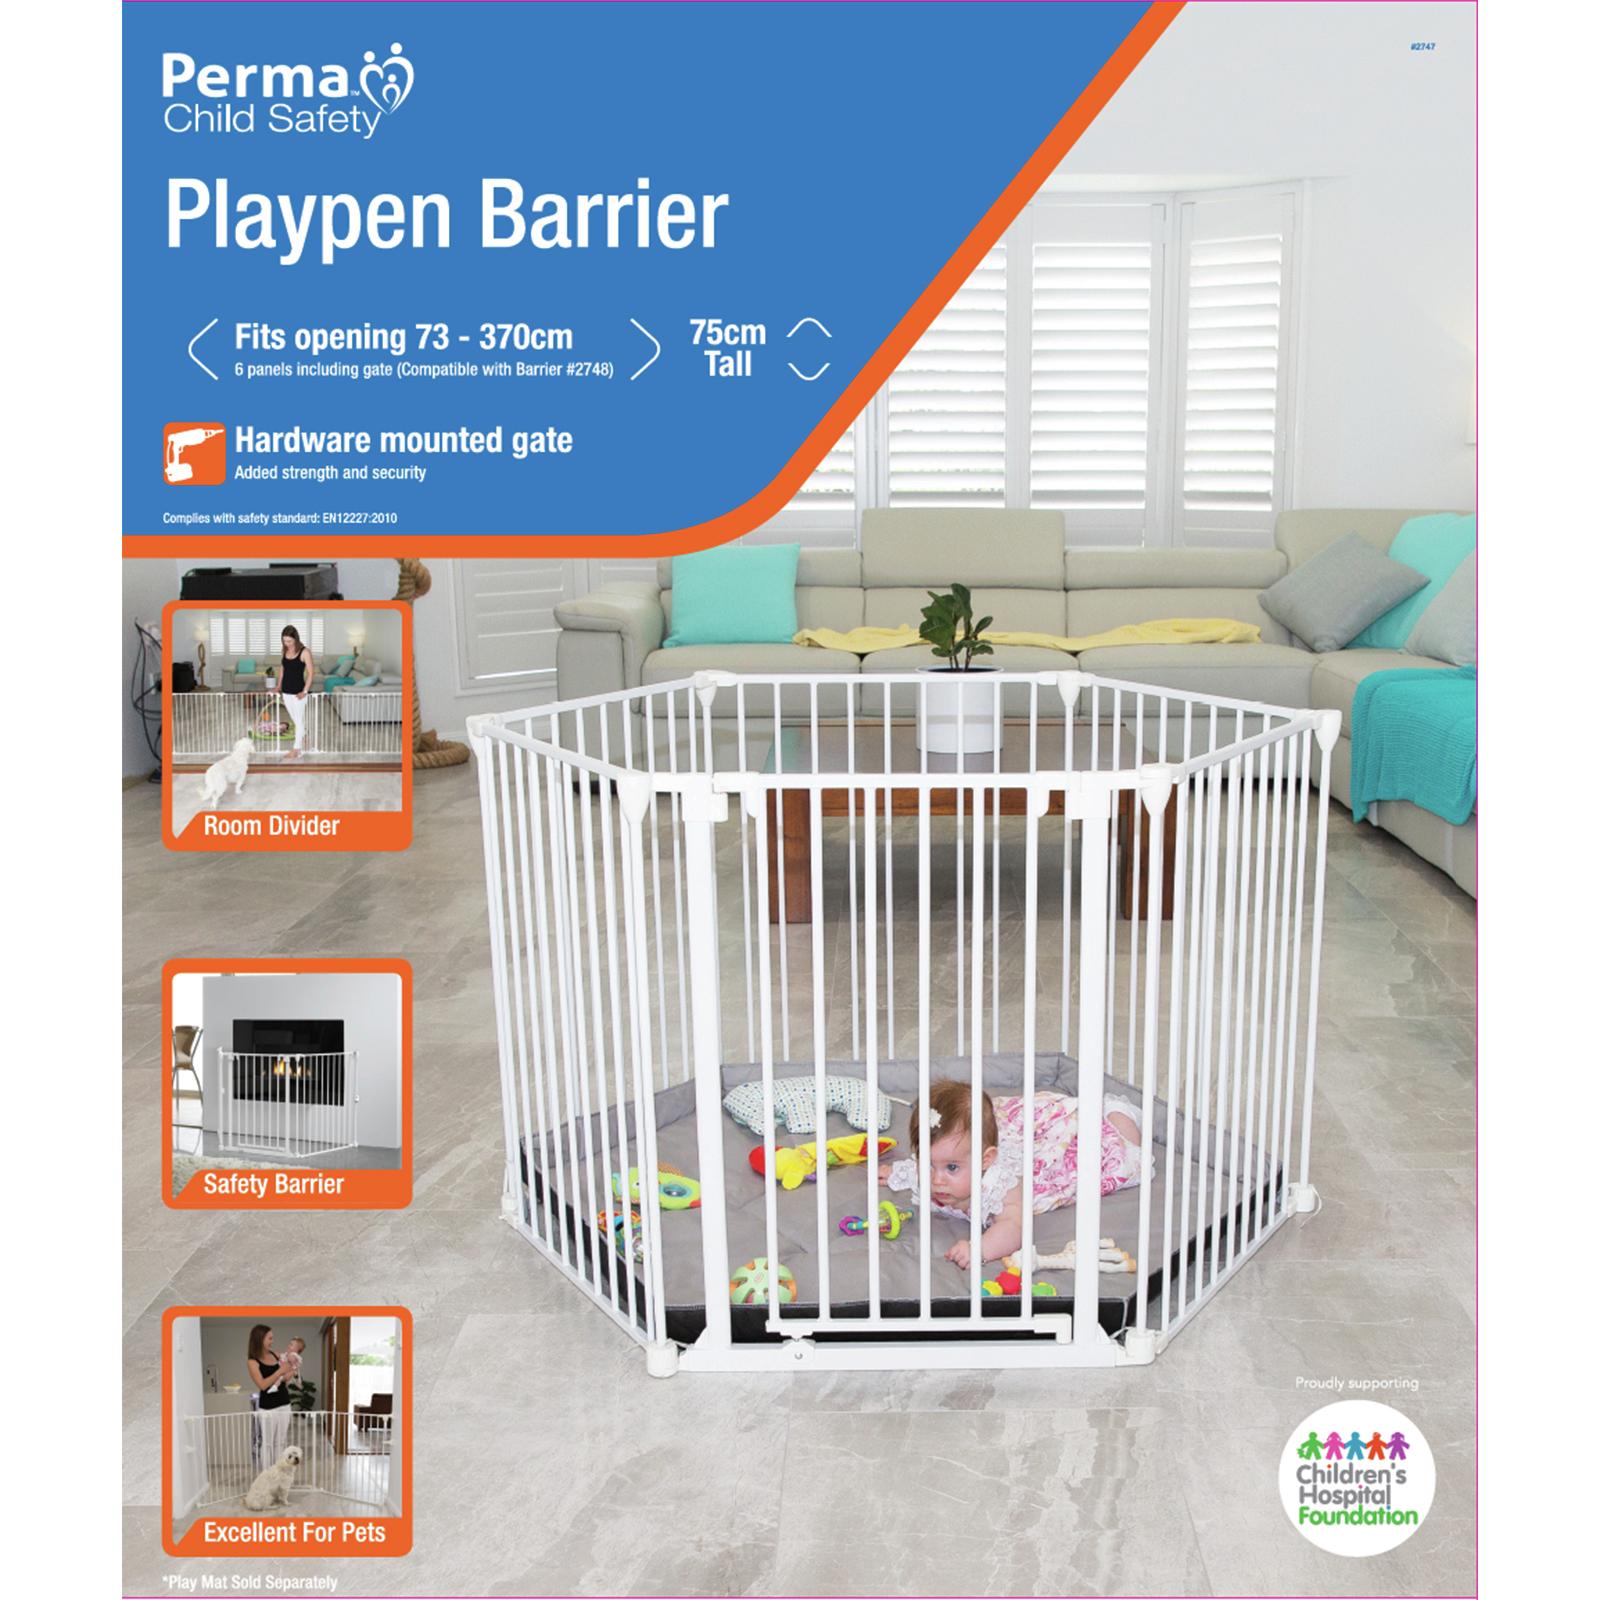 Perma Child Safety Playpen Barrier